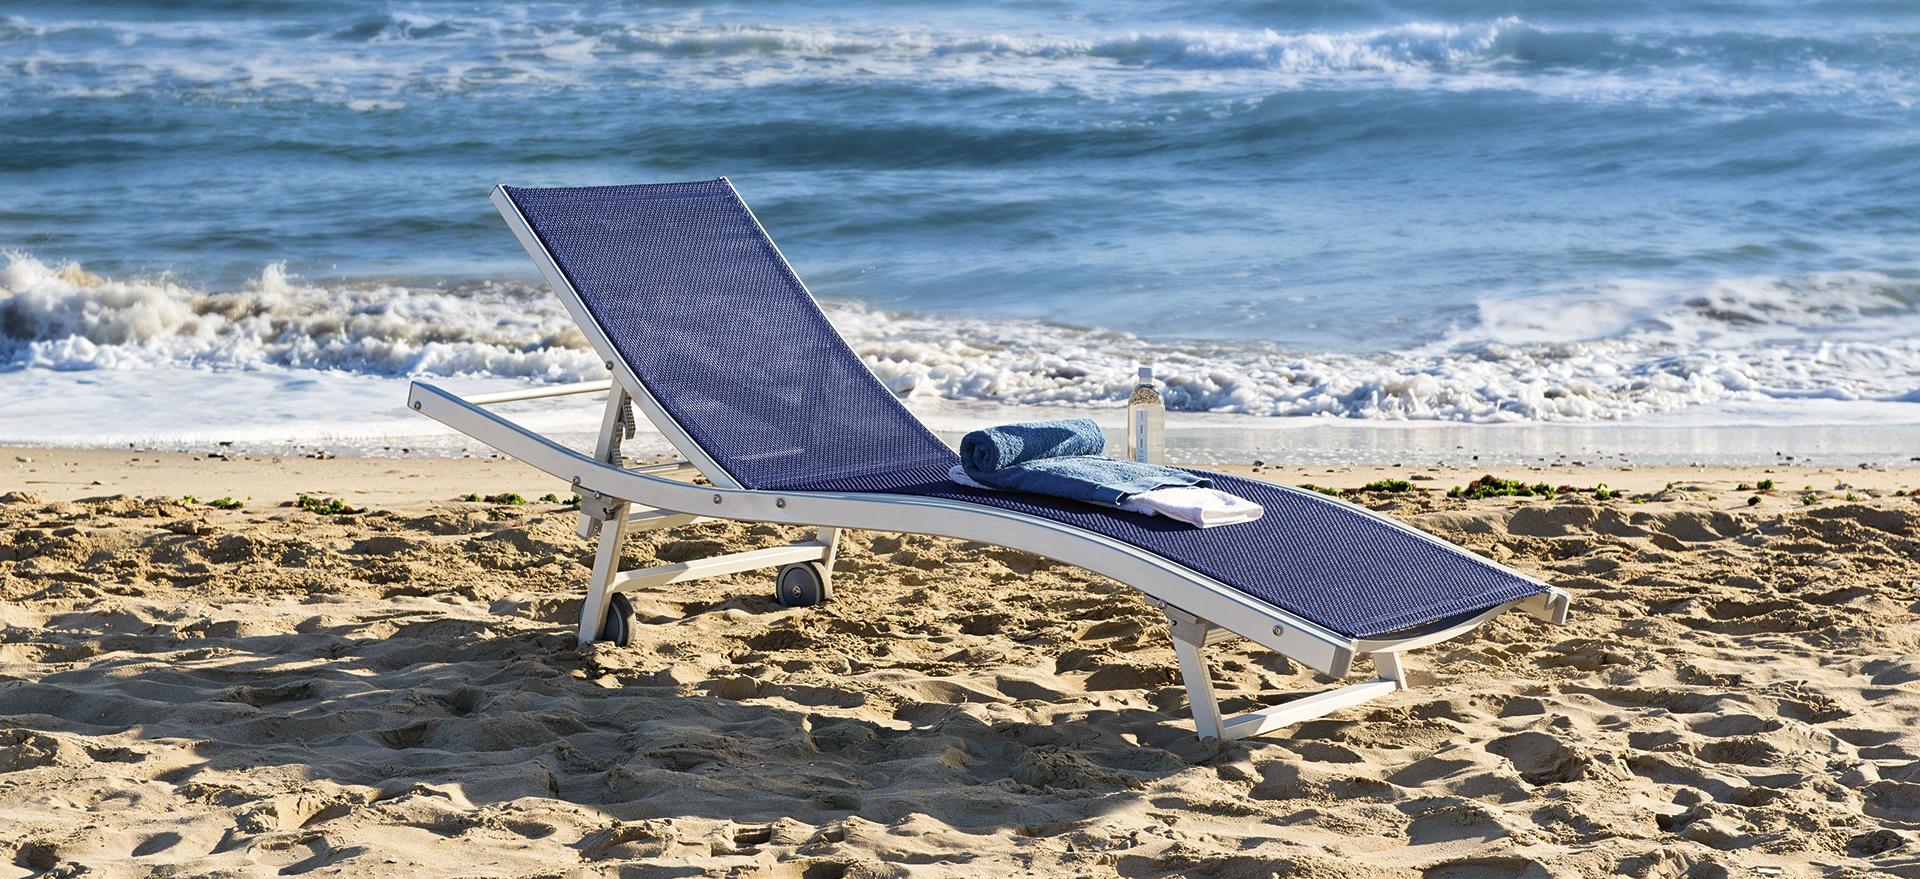 Sdraio Da Spiaggia Con Ruote.Tessitura Selva S R L Fornitori Stabilimenti Balneari